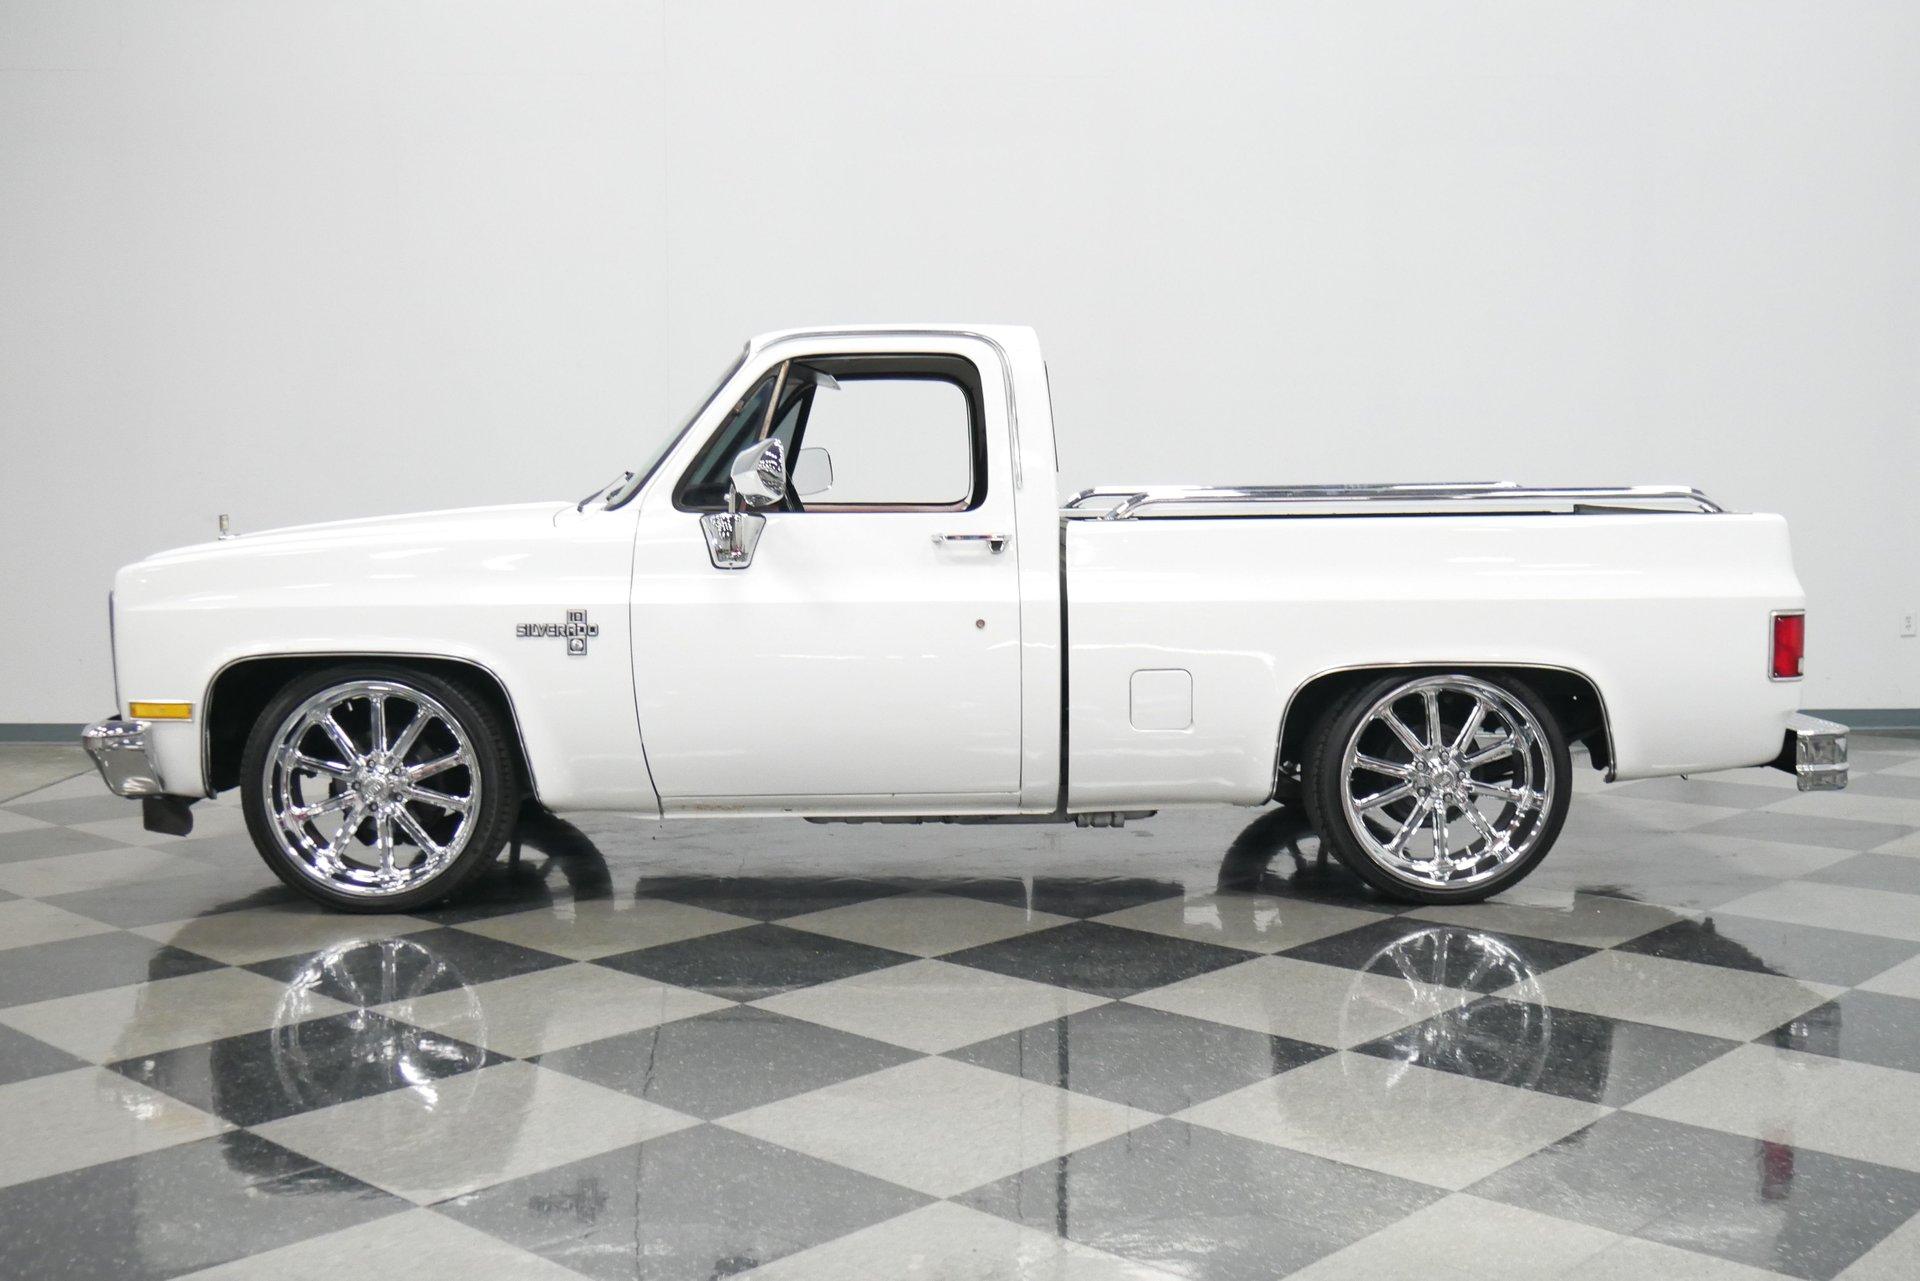 1984 chevrolet c10 silverado